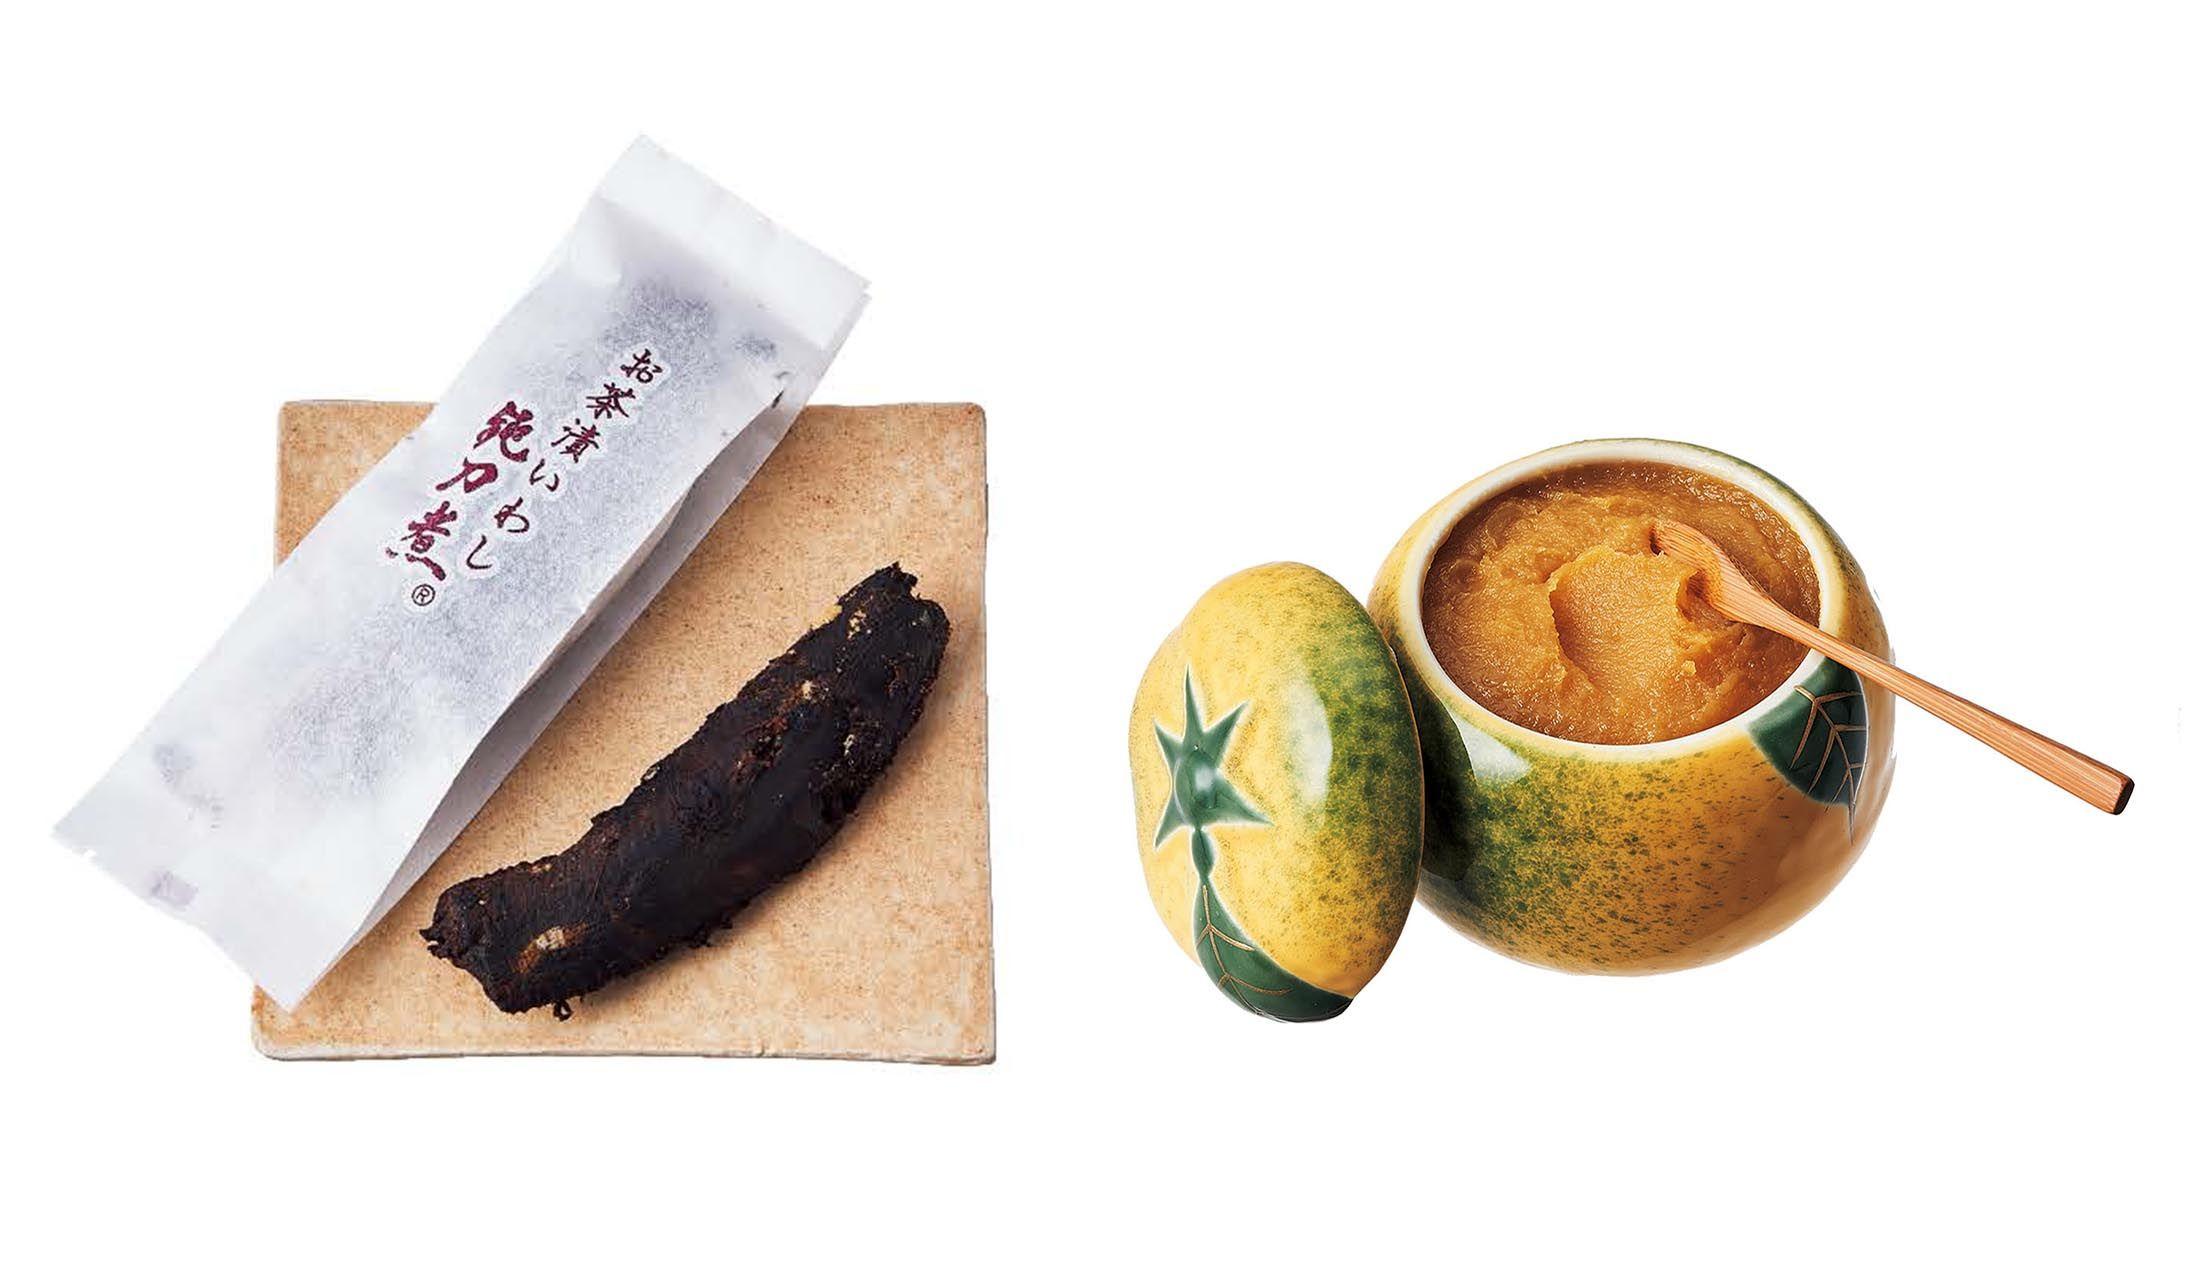 京の六味のお茶漬けいわし「鈍刀煮」と八百三の柚味噌